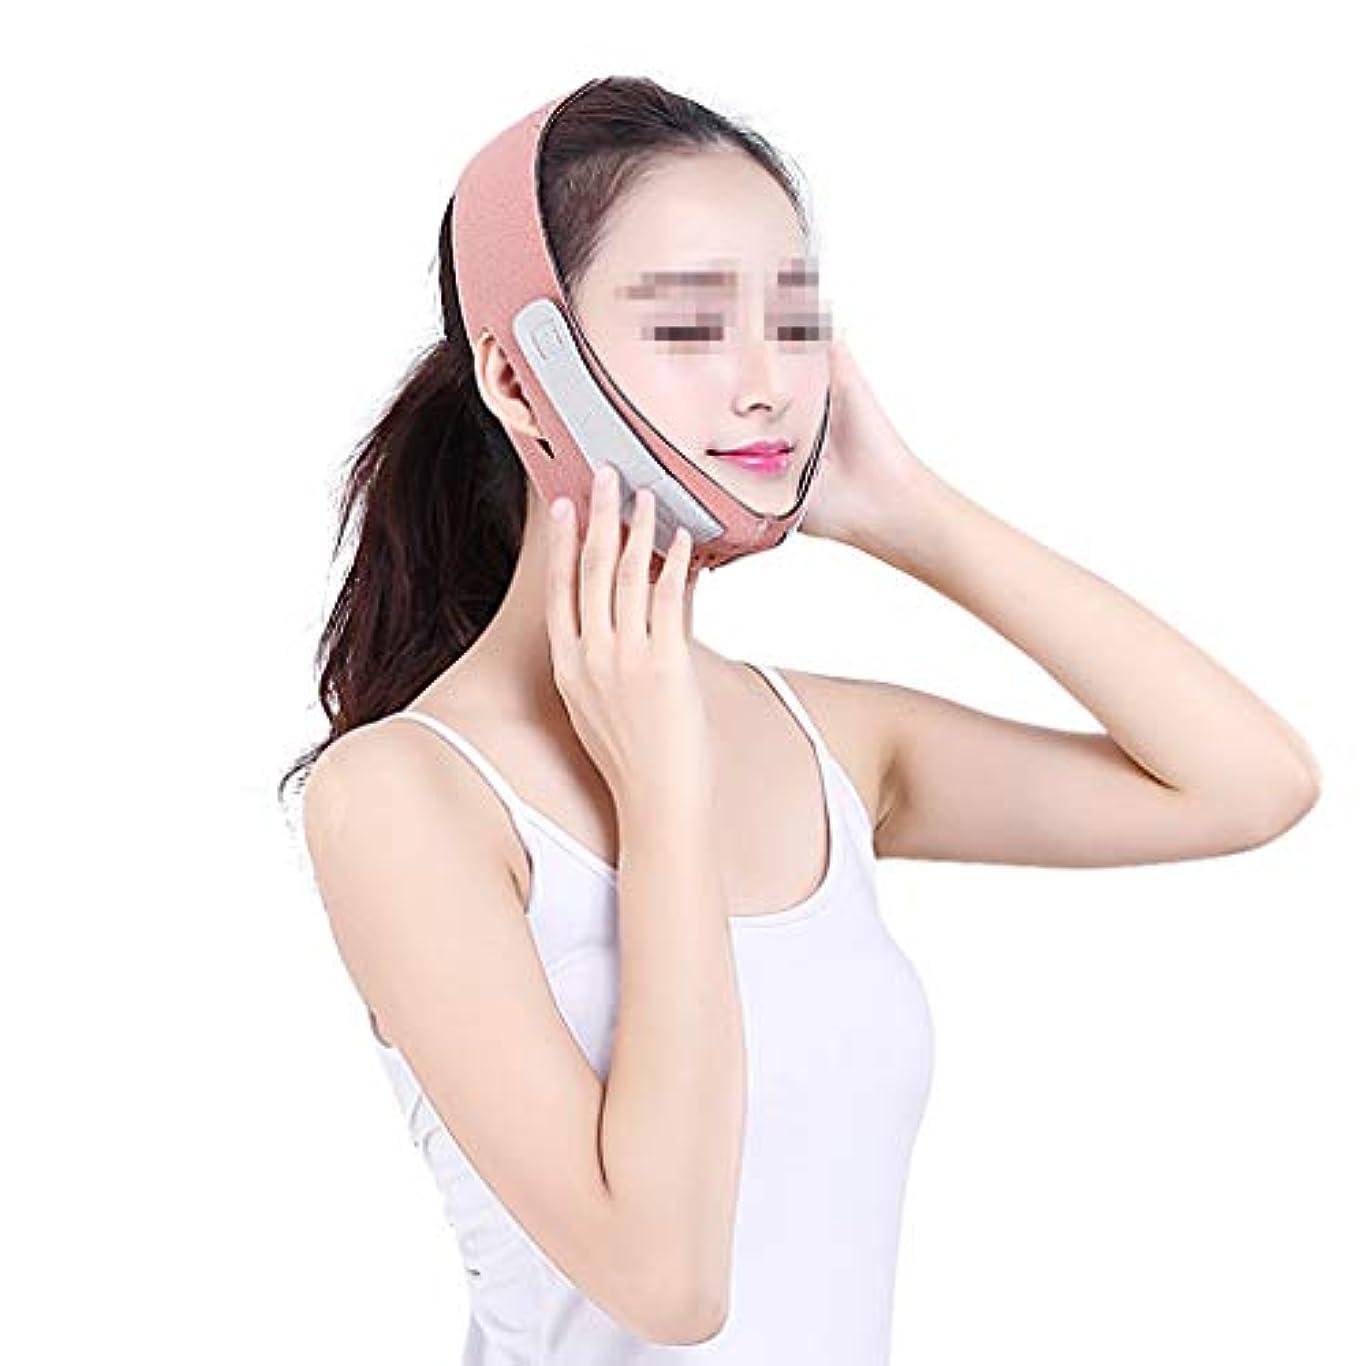 議題メーカーメッセンジャーXHLMRMJ 顔の持ち上がる睡眠のV顔の包帯、マスクの顔の顔のマッサージャーのあごの顔の持ち上がる顔の持ち上がる顔の持ち上がる機械